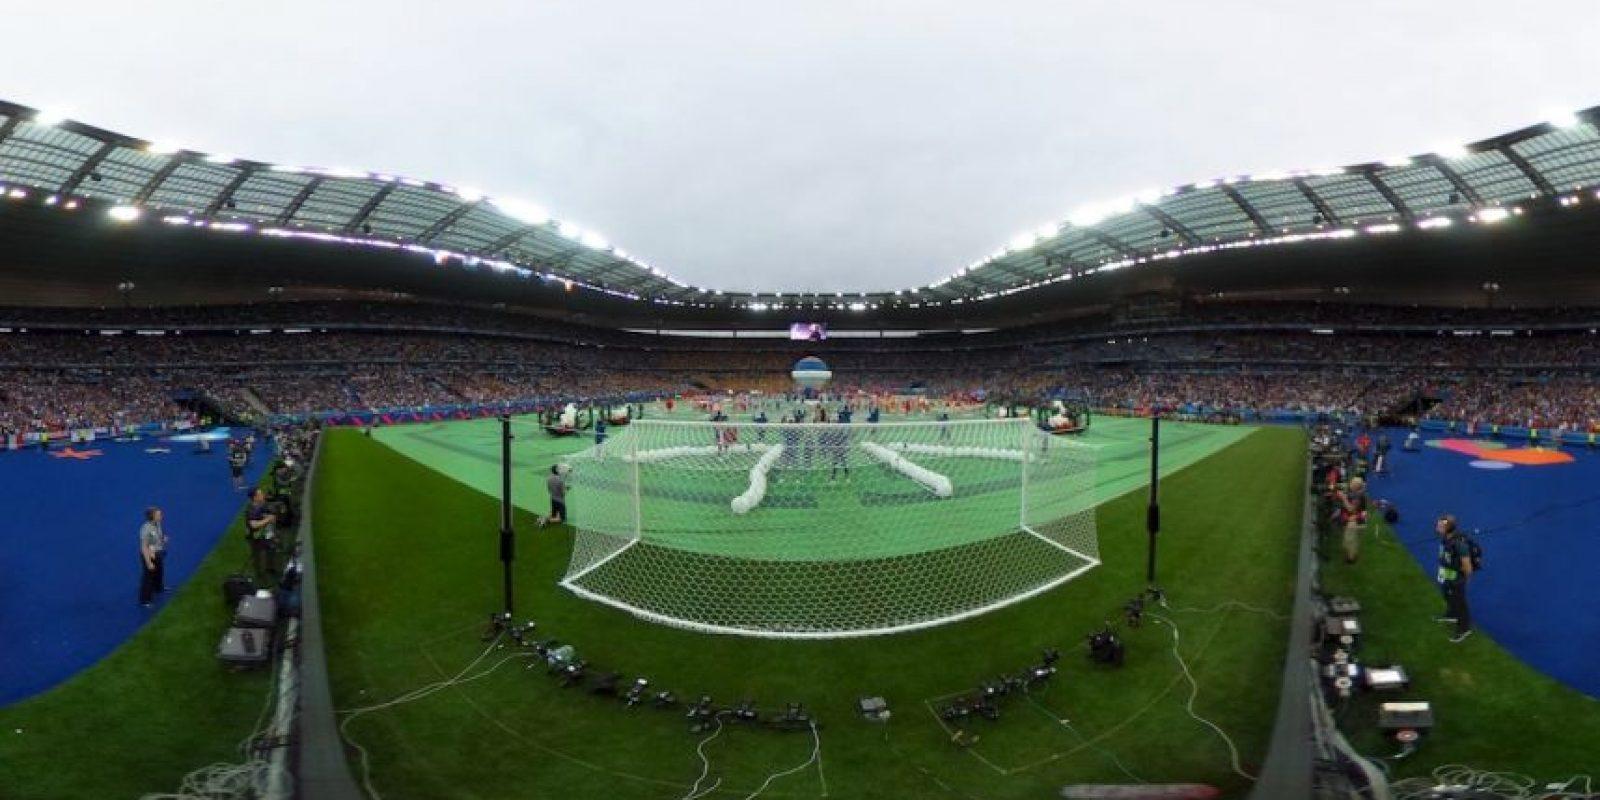 Pese a las críticas que ha recibido el torneo, Franz Beckenbauer defendió los partidos que han jugado Foto:Getty Images